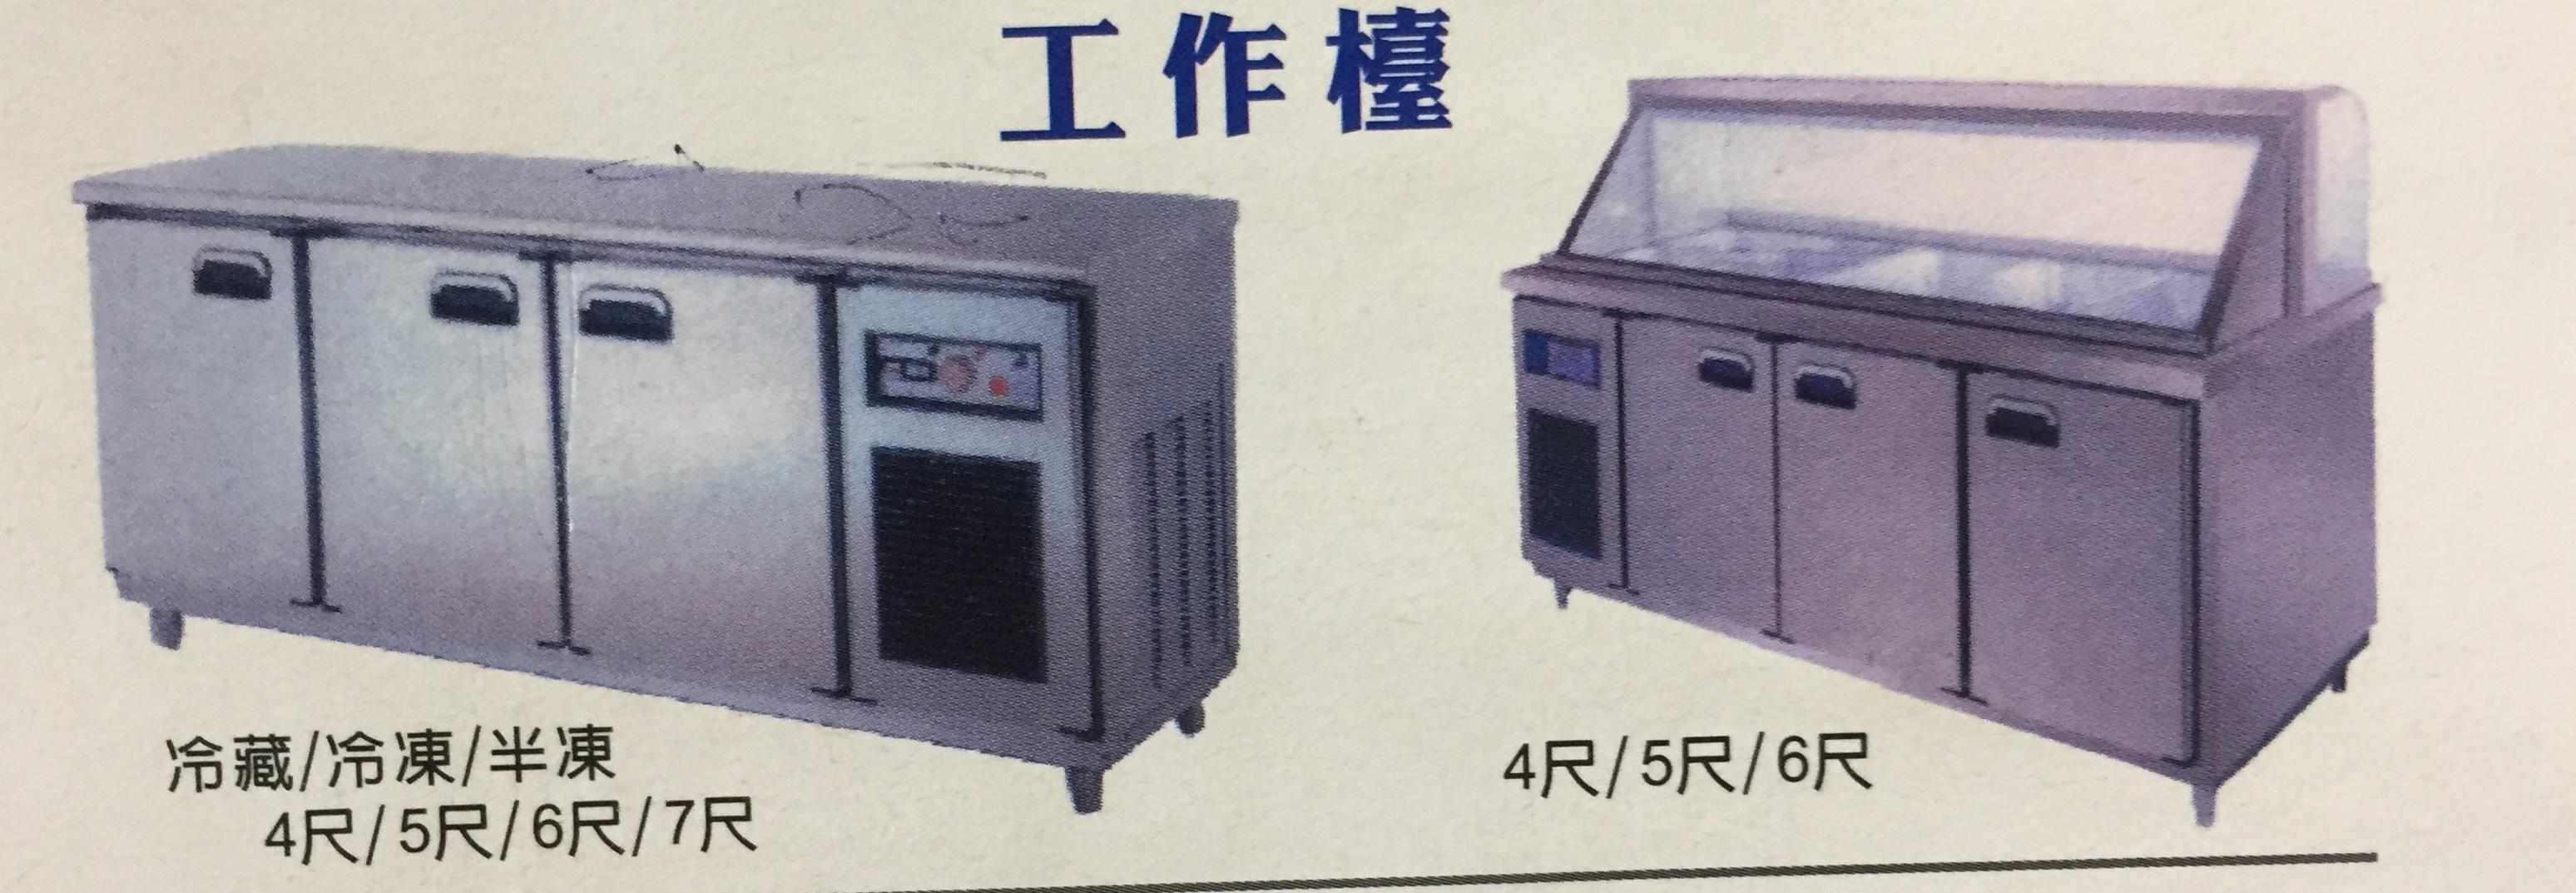 冷凍藏工作檯